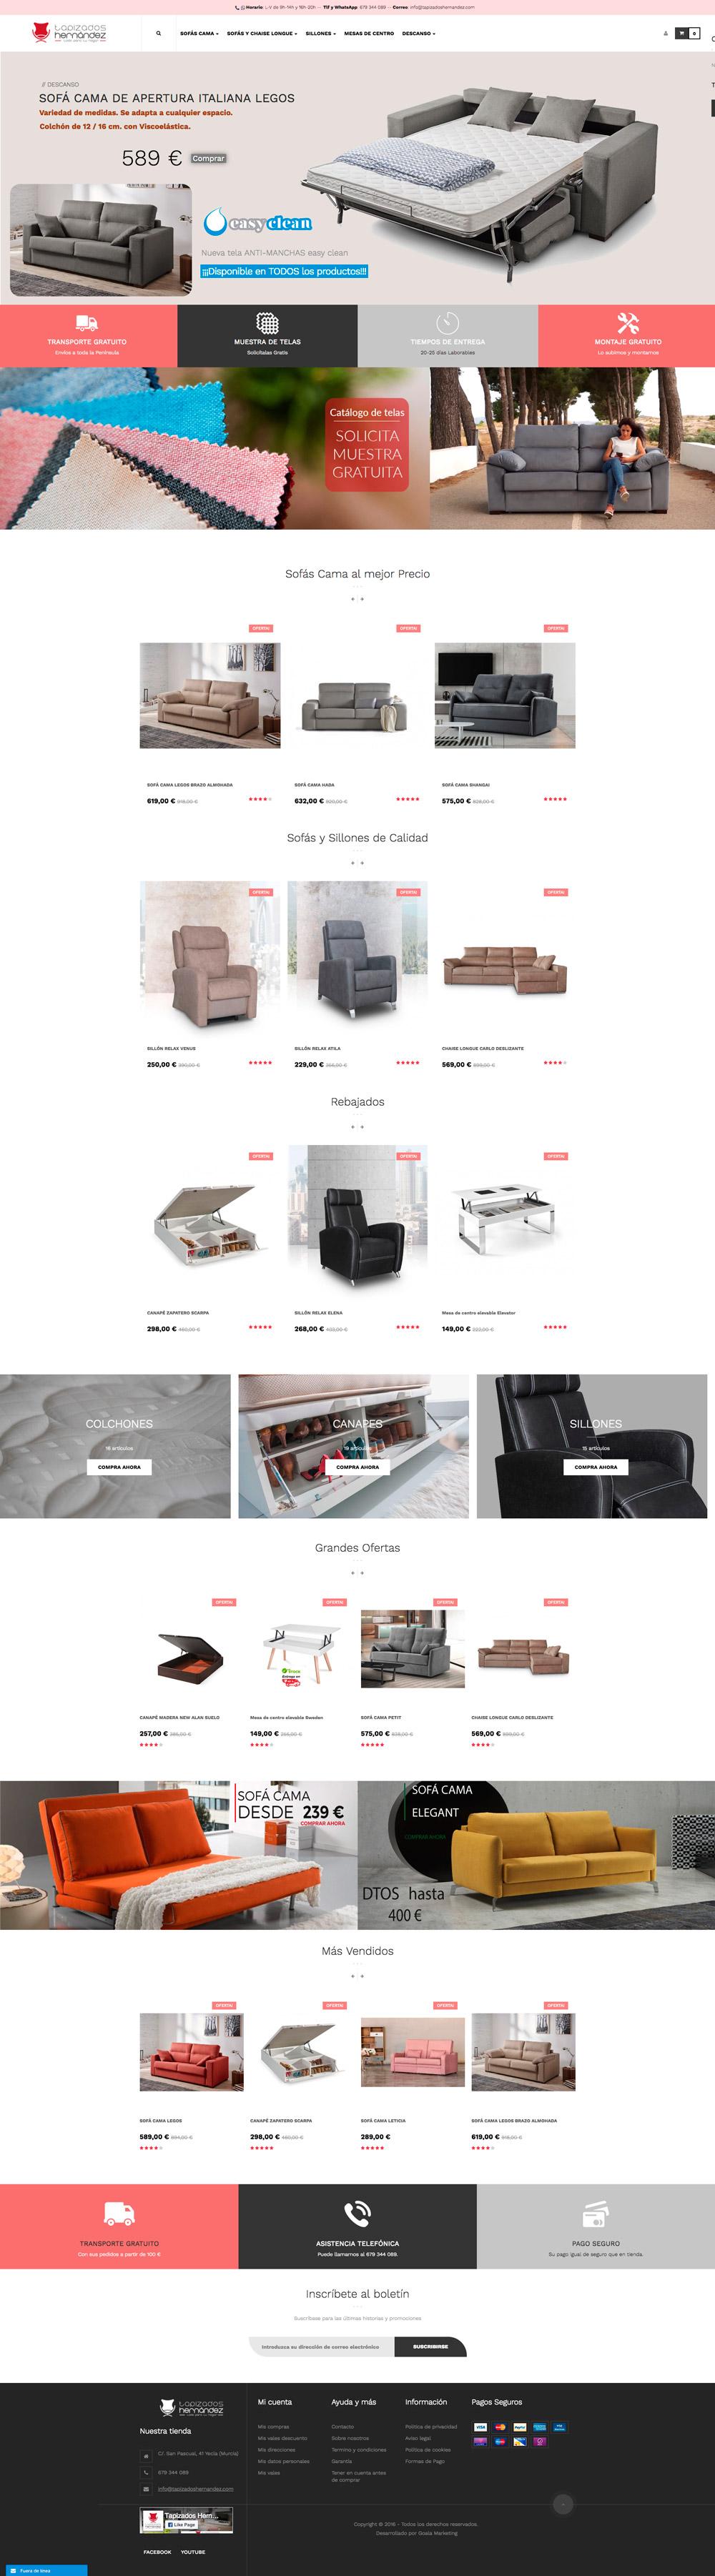 diseño de tiendas online. Tapizados Hernández